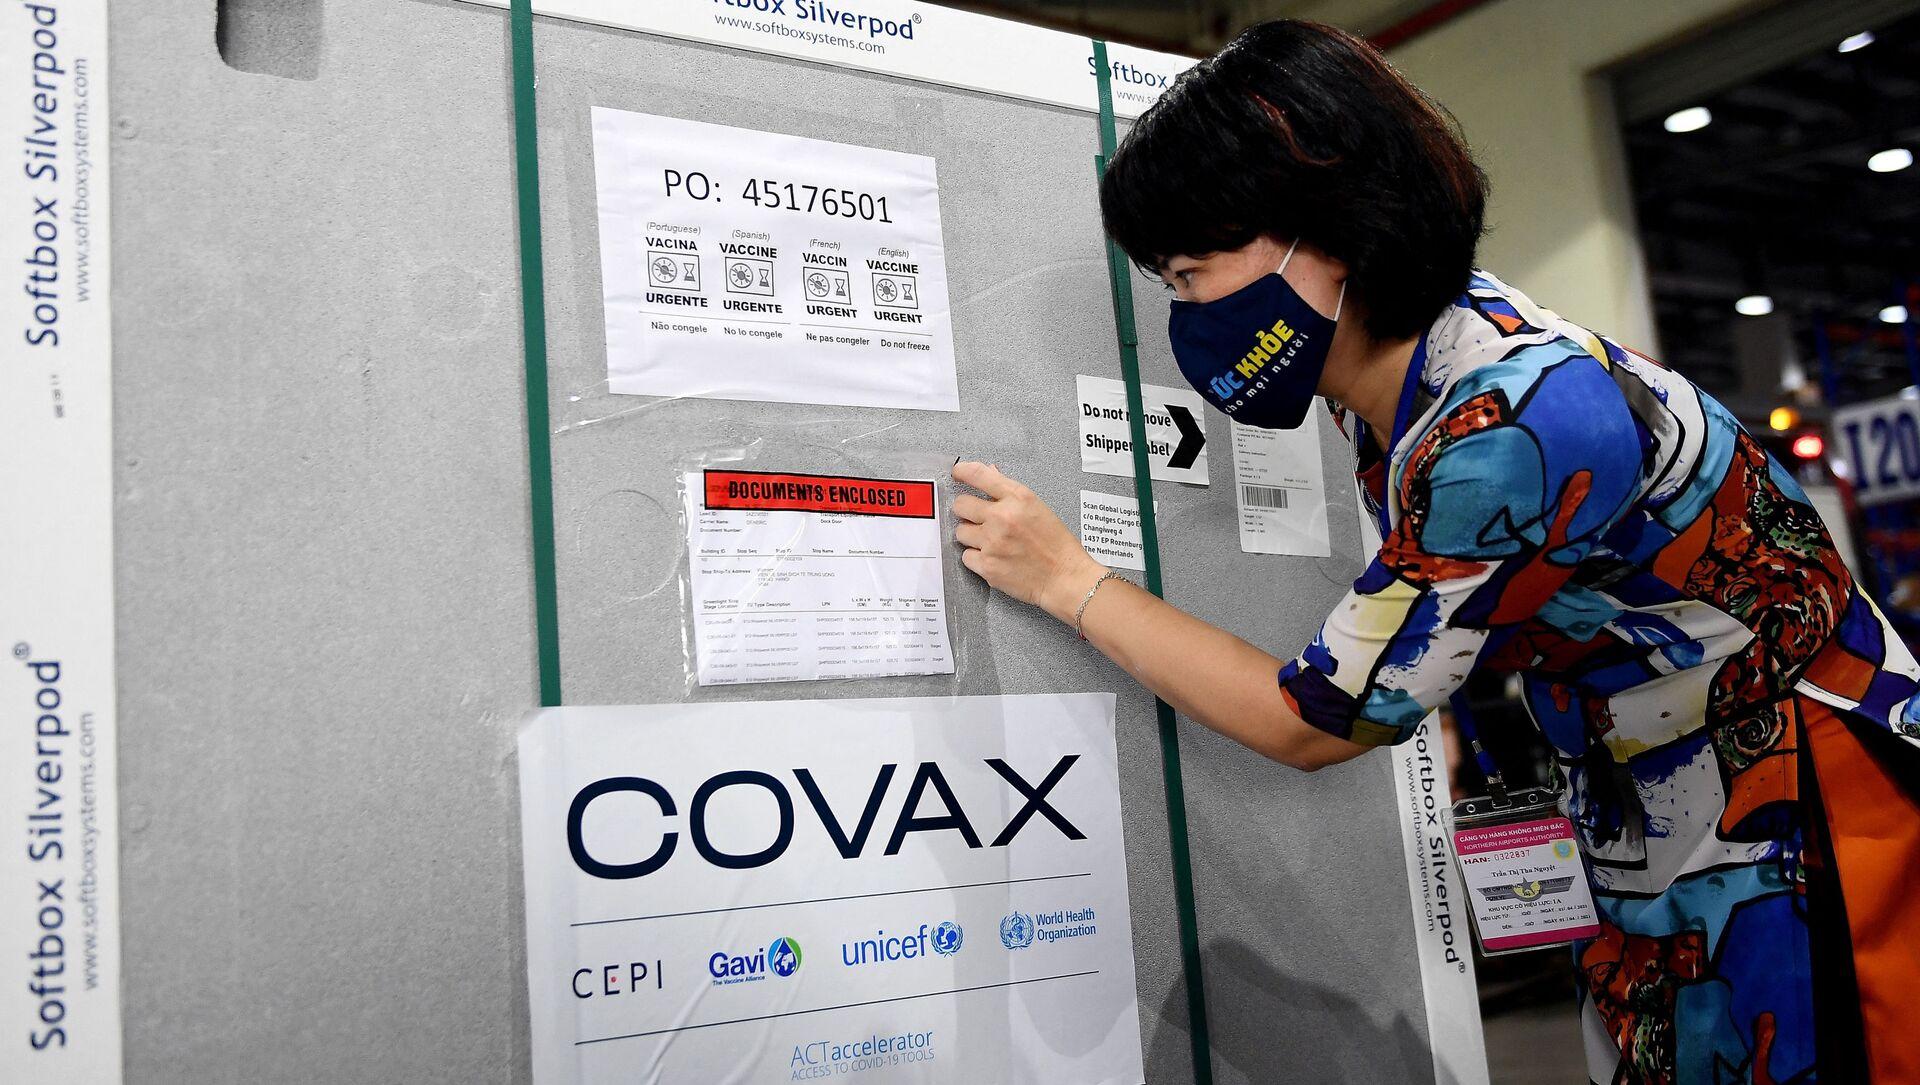 Việt Nam tiếp nhận lô vaccine phòng COVID-19 đầu tiên từ COVAX Facility. - Sputnik Việt Nam, 1920, 22.06.2021